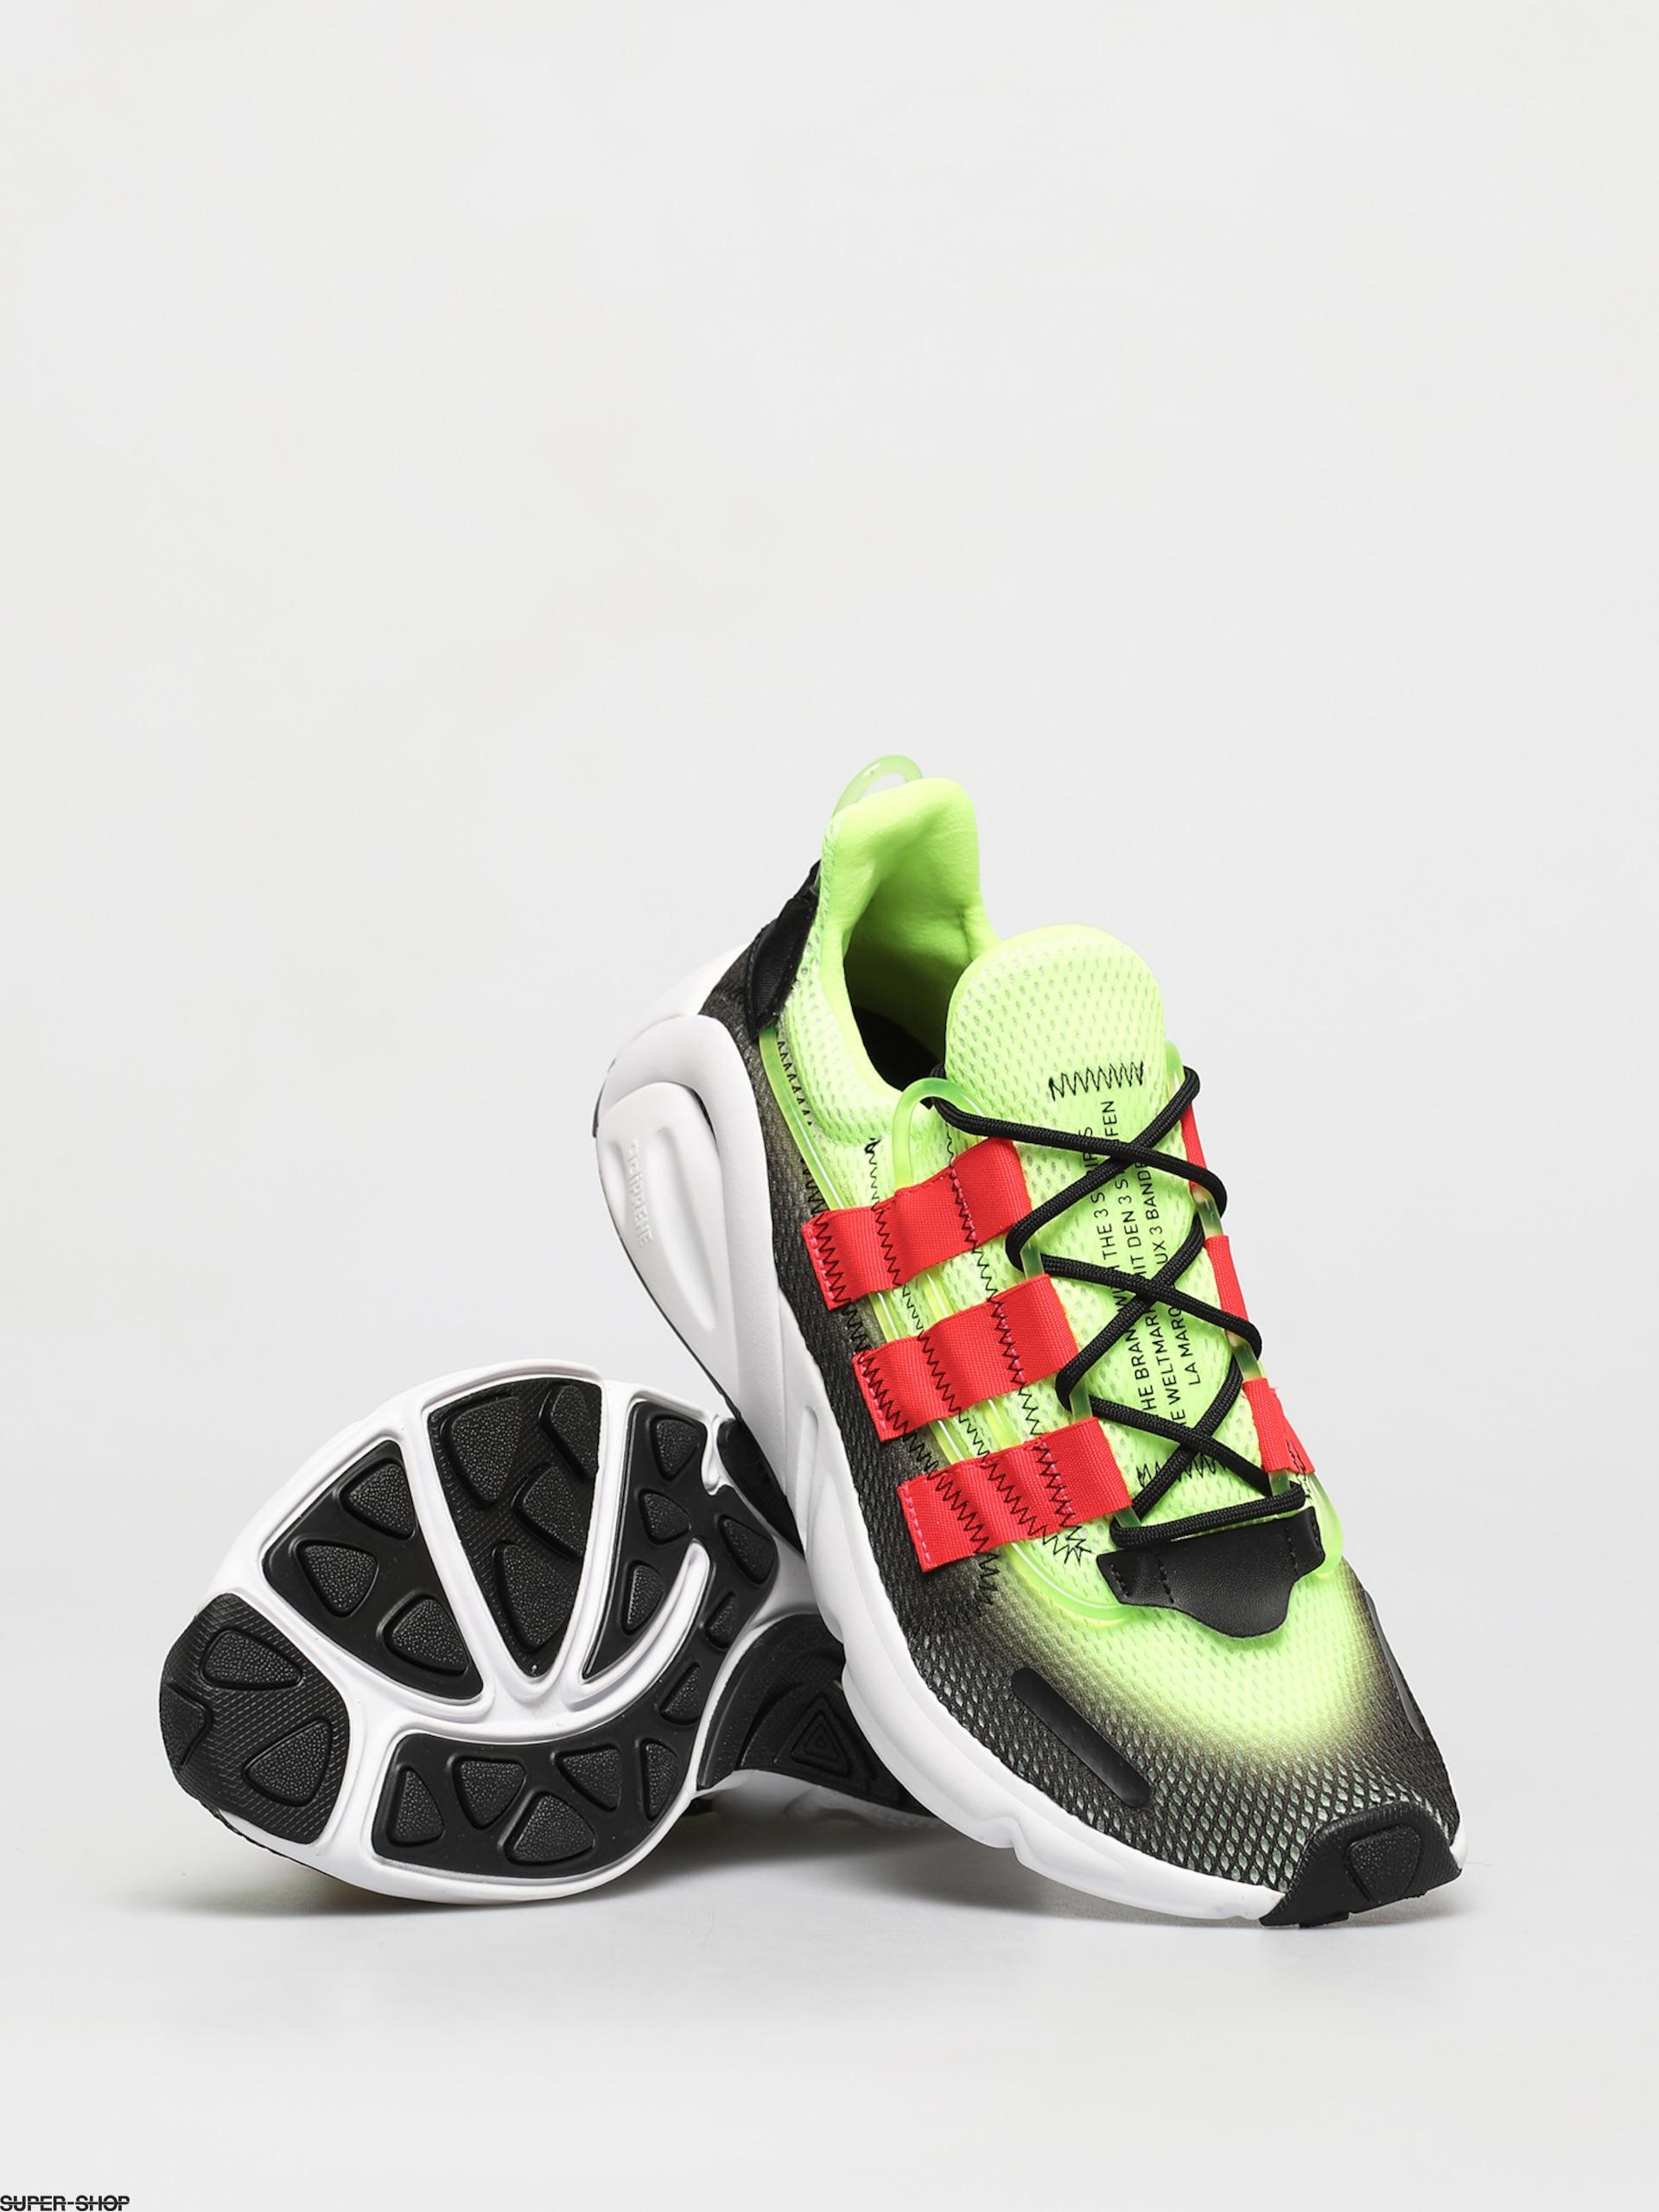 adidas Originals LX Adiprene Shoes